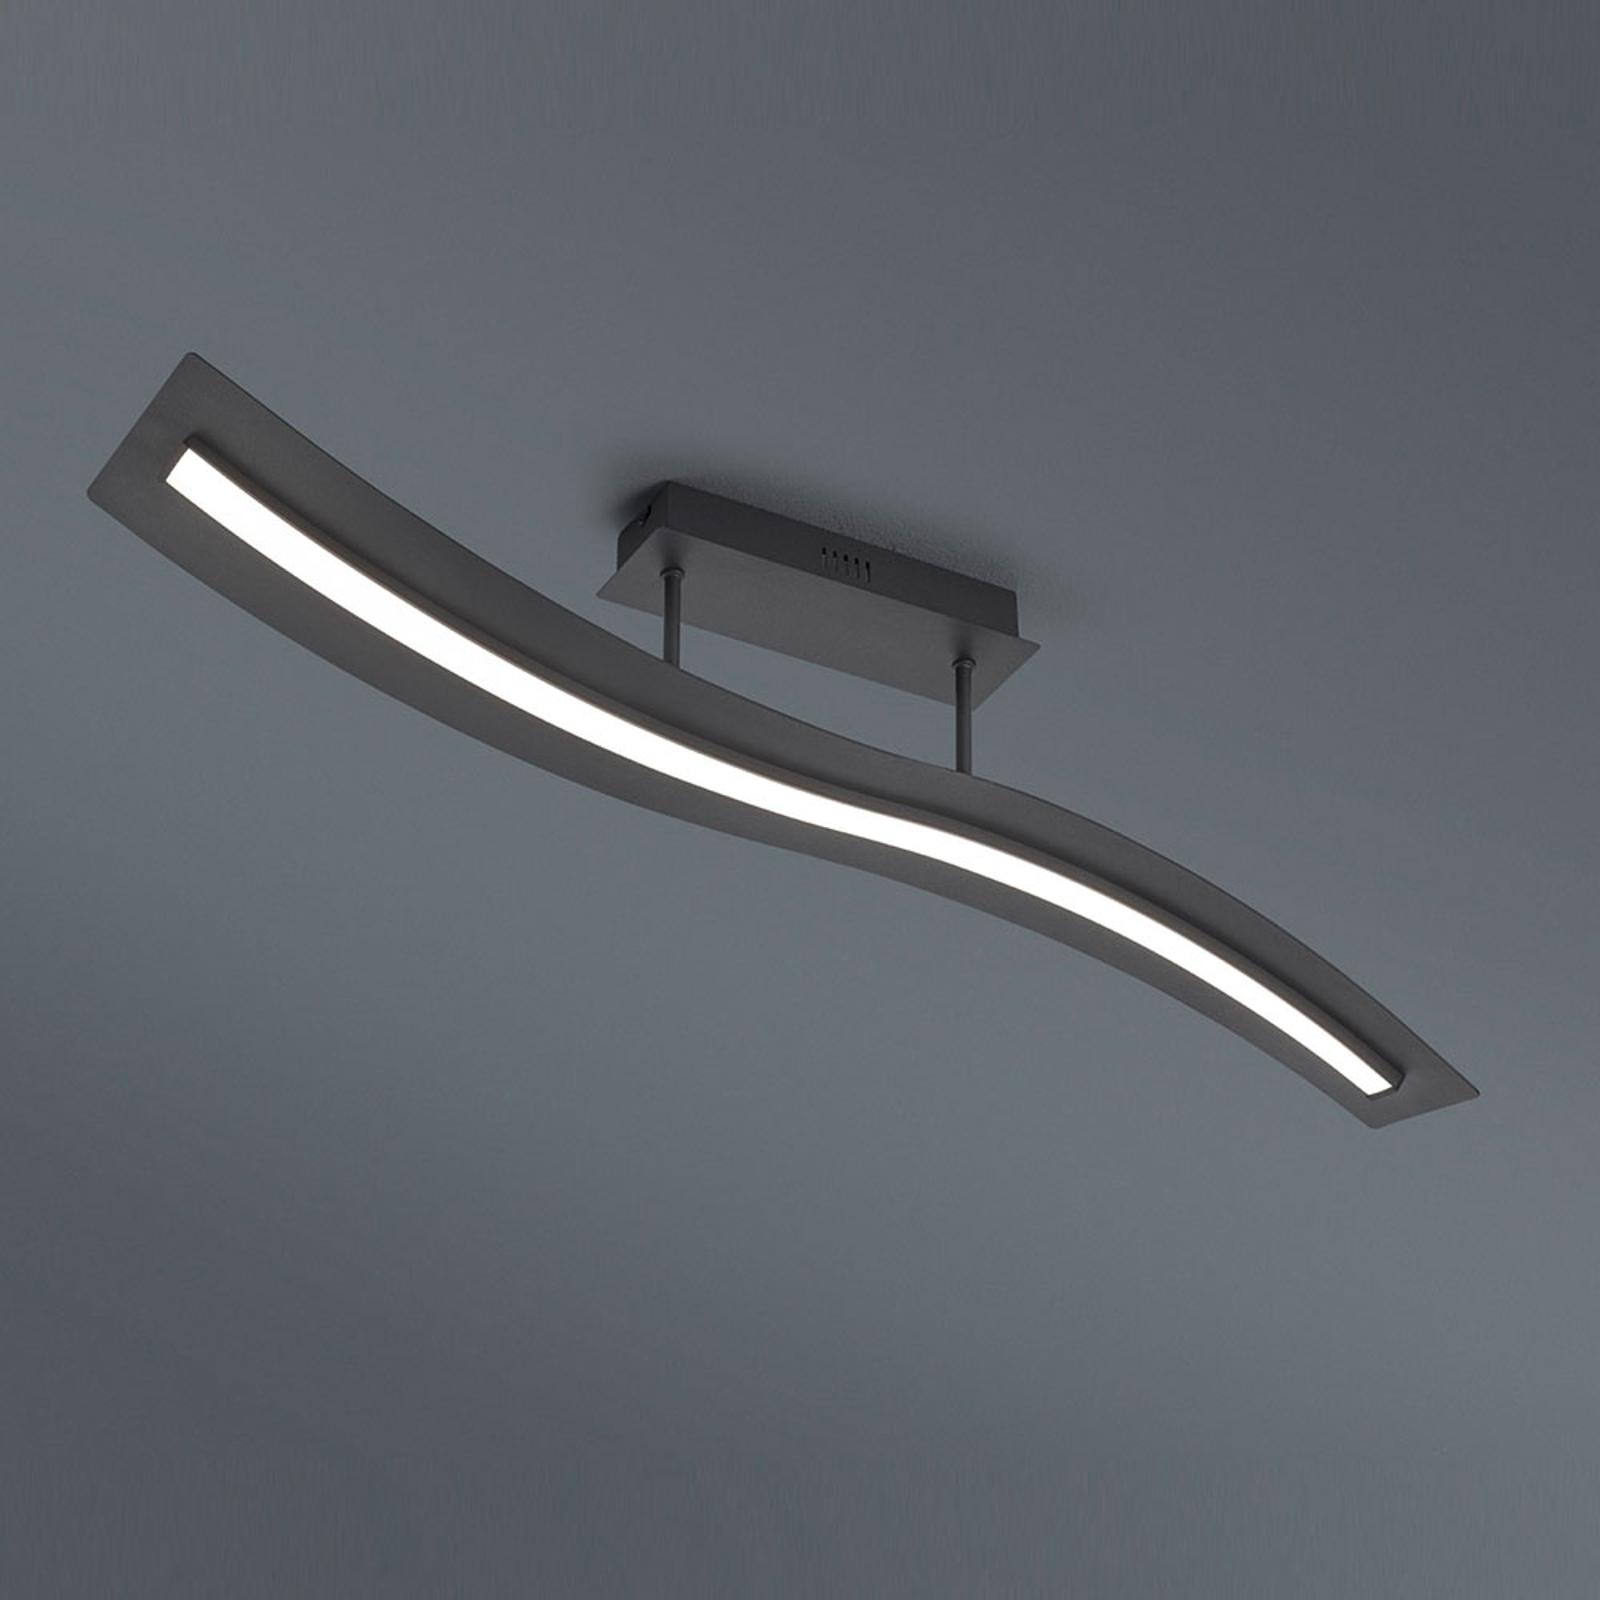 LED stropní světlo Salerno, Switchdim, matná černá